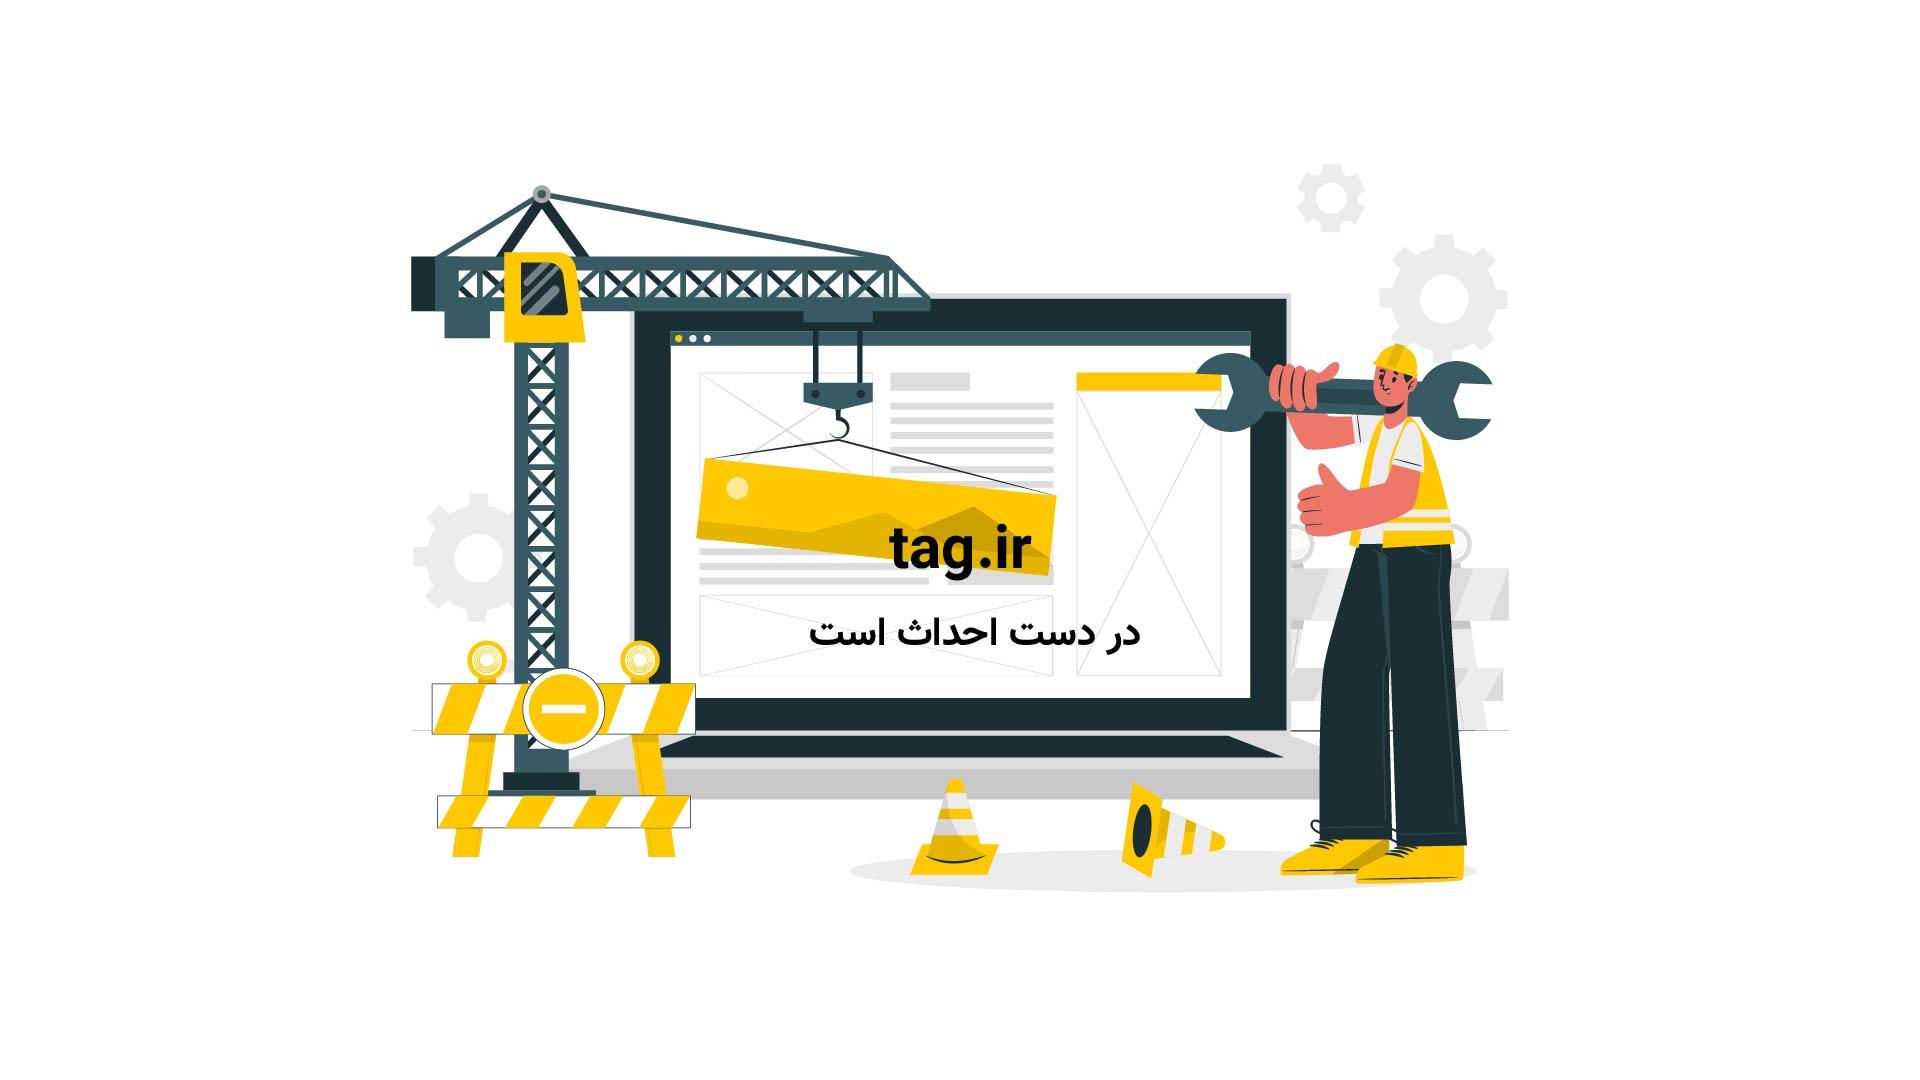 استندآپ کمدی خنده دار مهران غفوریان؛ ویژگی های آدم های چاق   فیلم